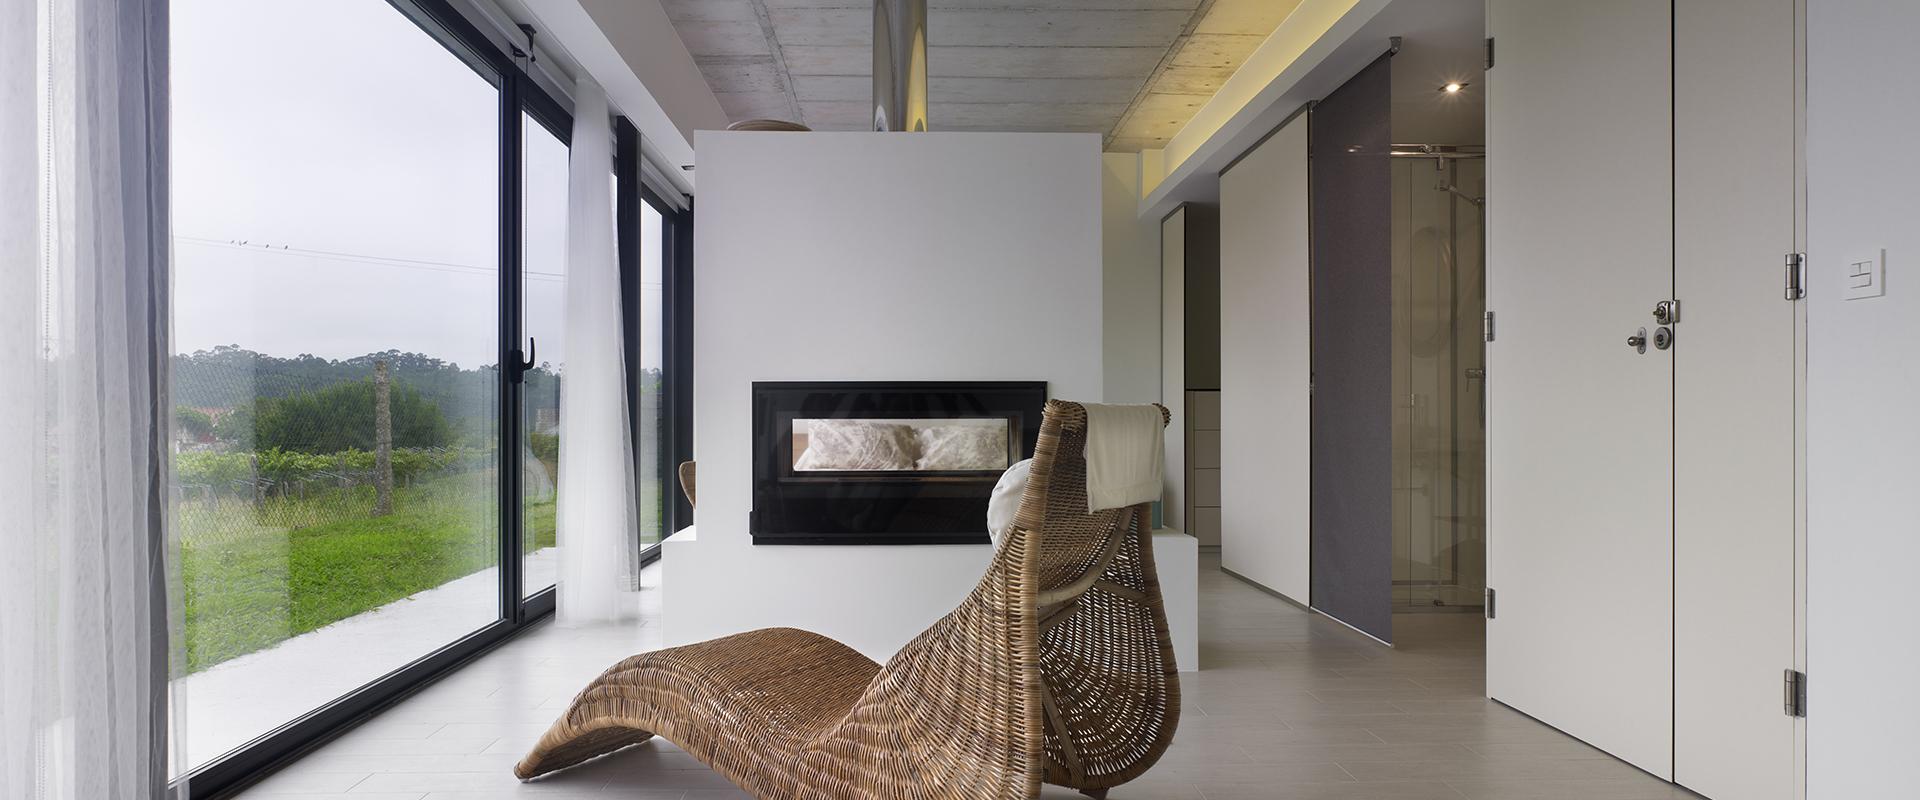 Sistemas de calefacción para vivienda unifamiliar